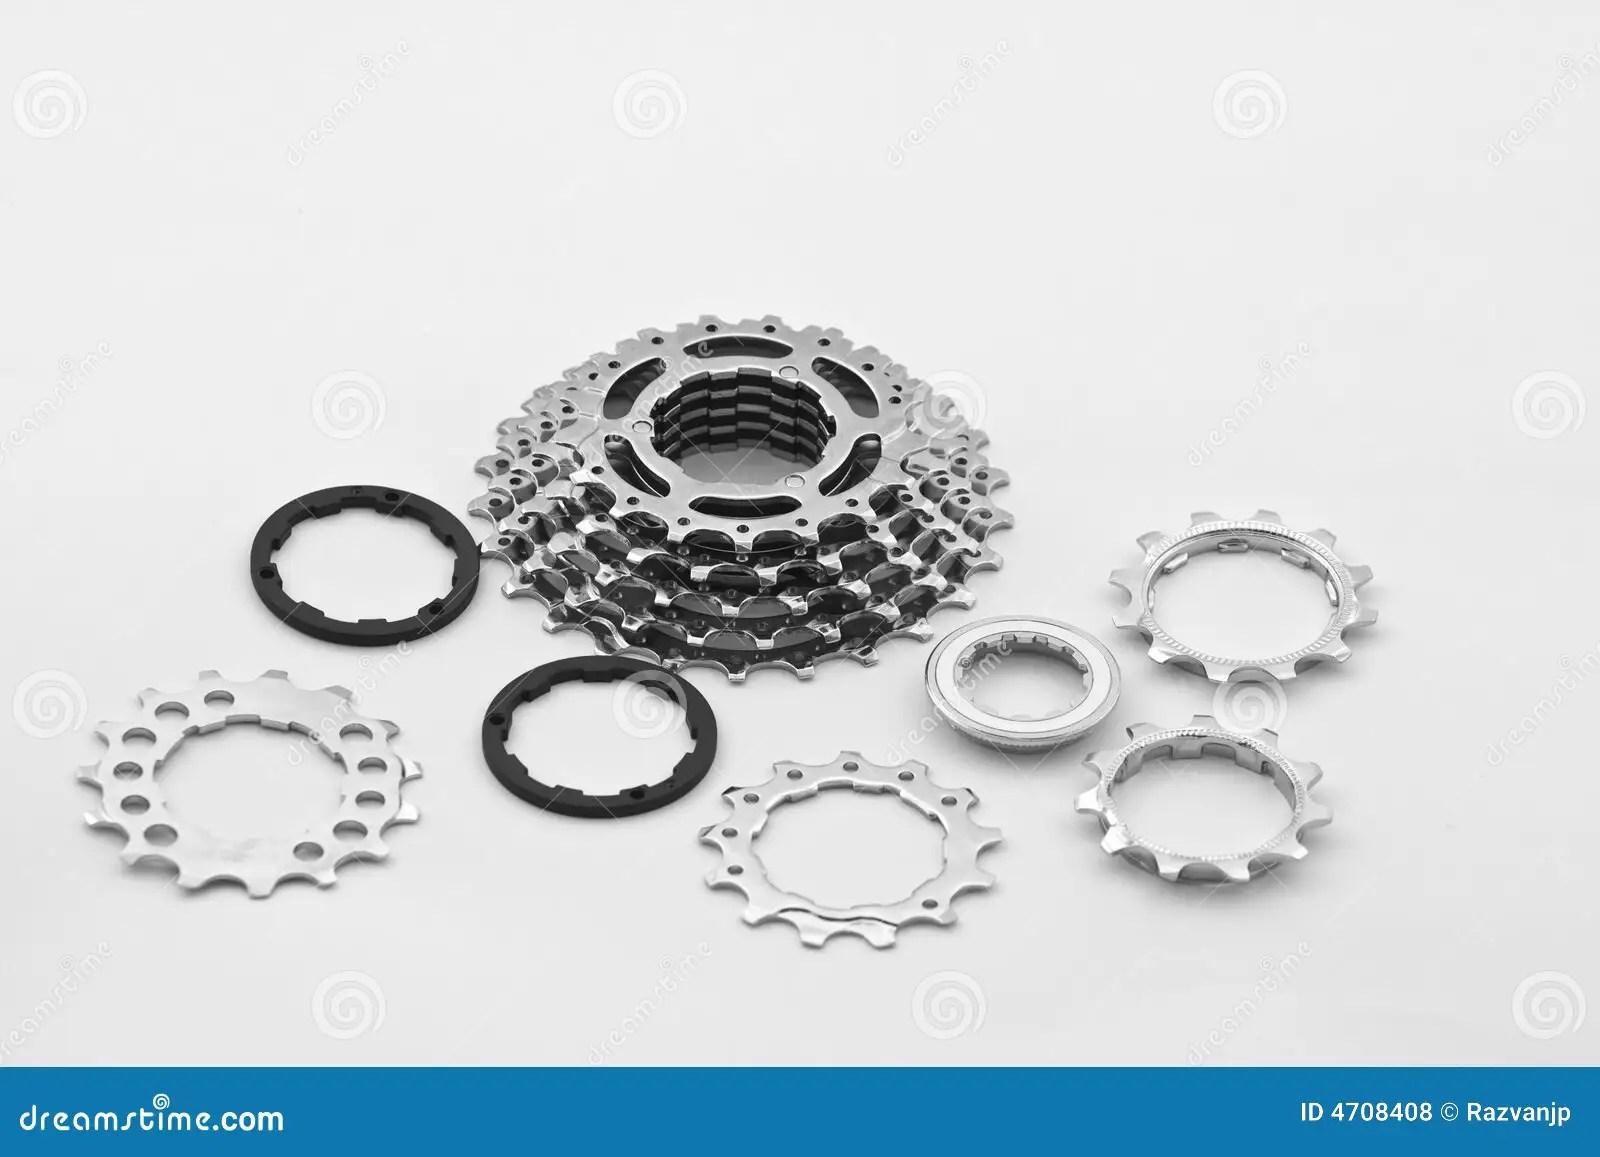 Fahrradgangteile stockfoto. Bild von technologie, teile